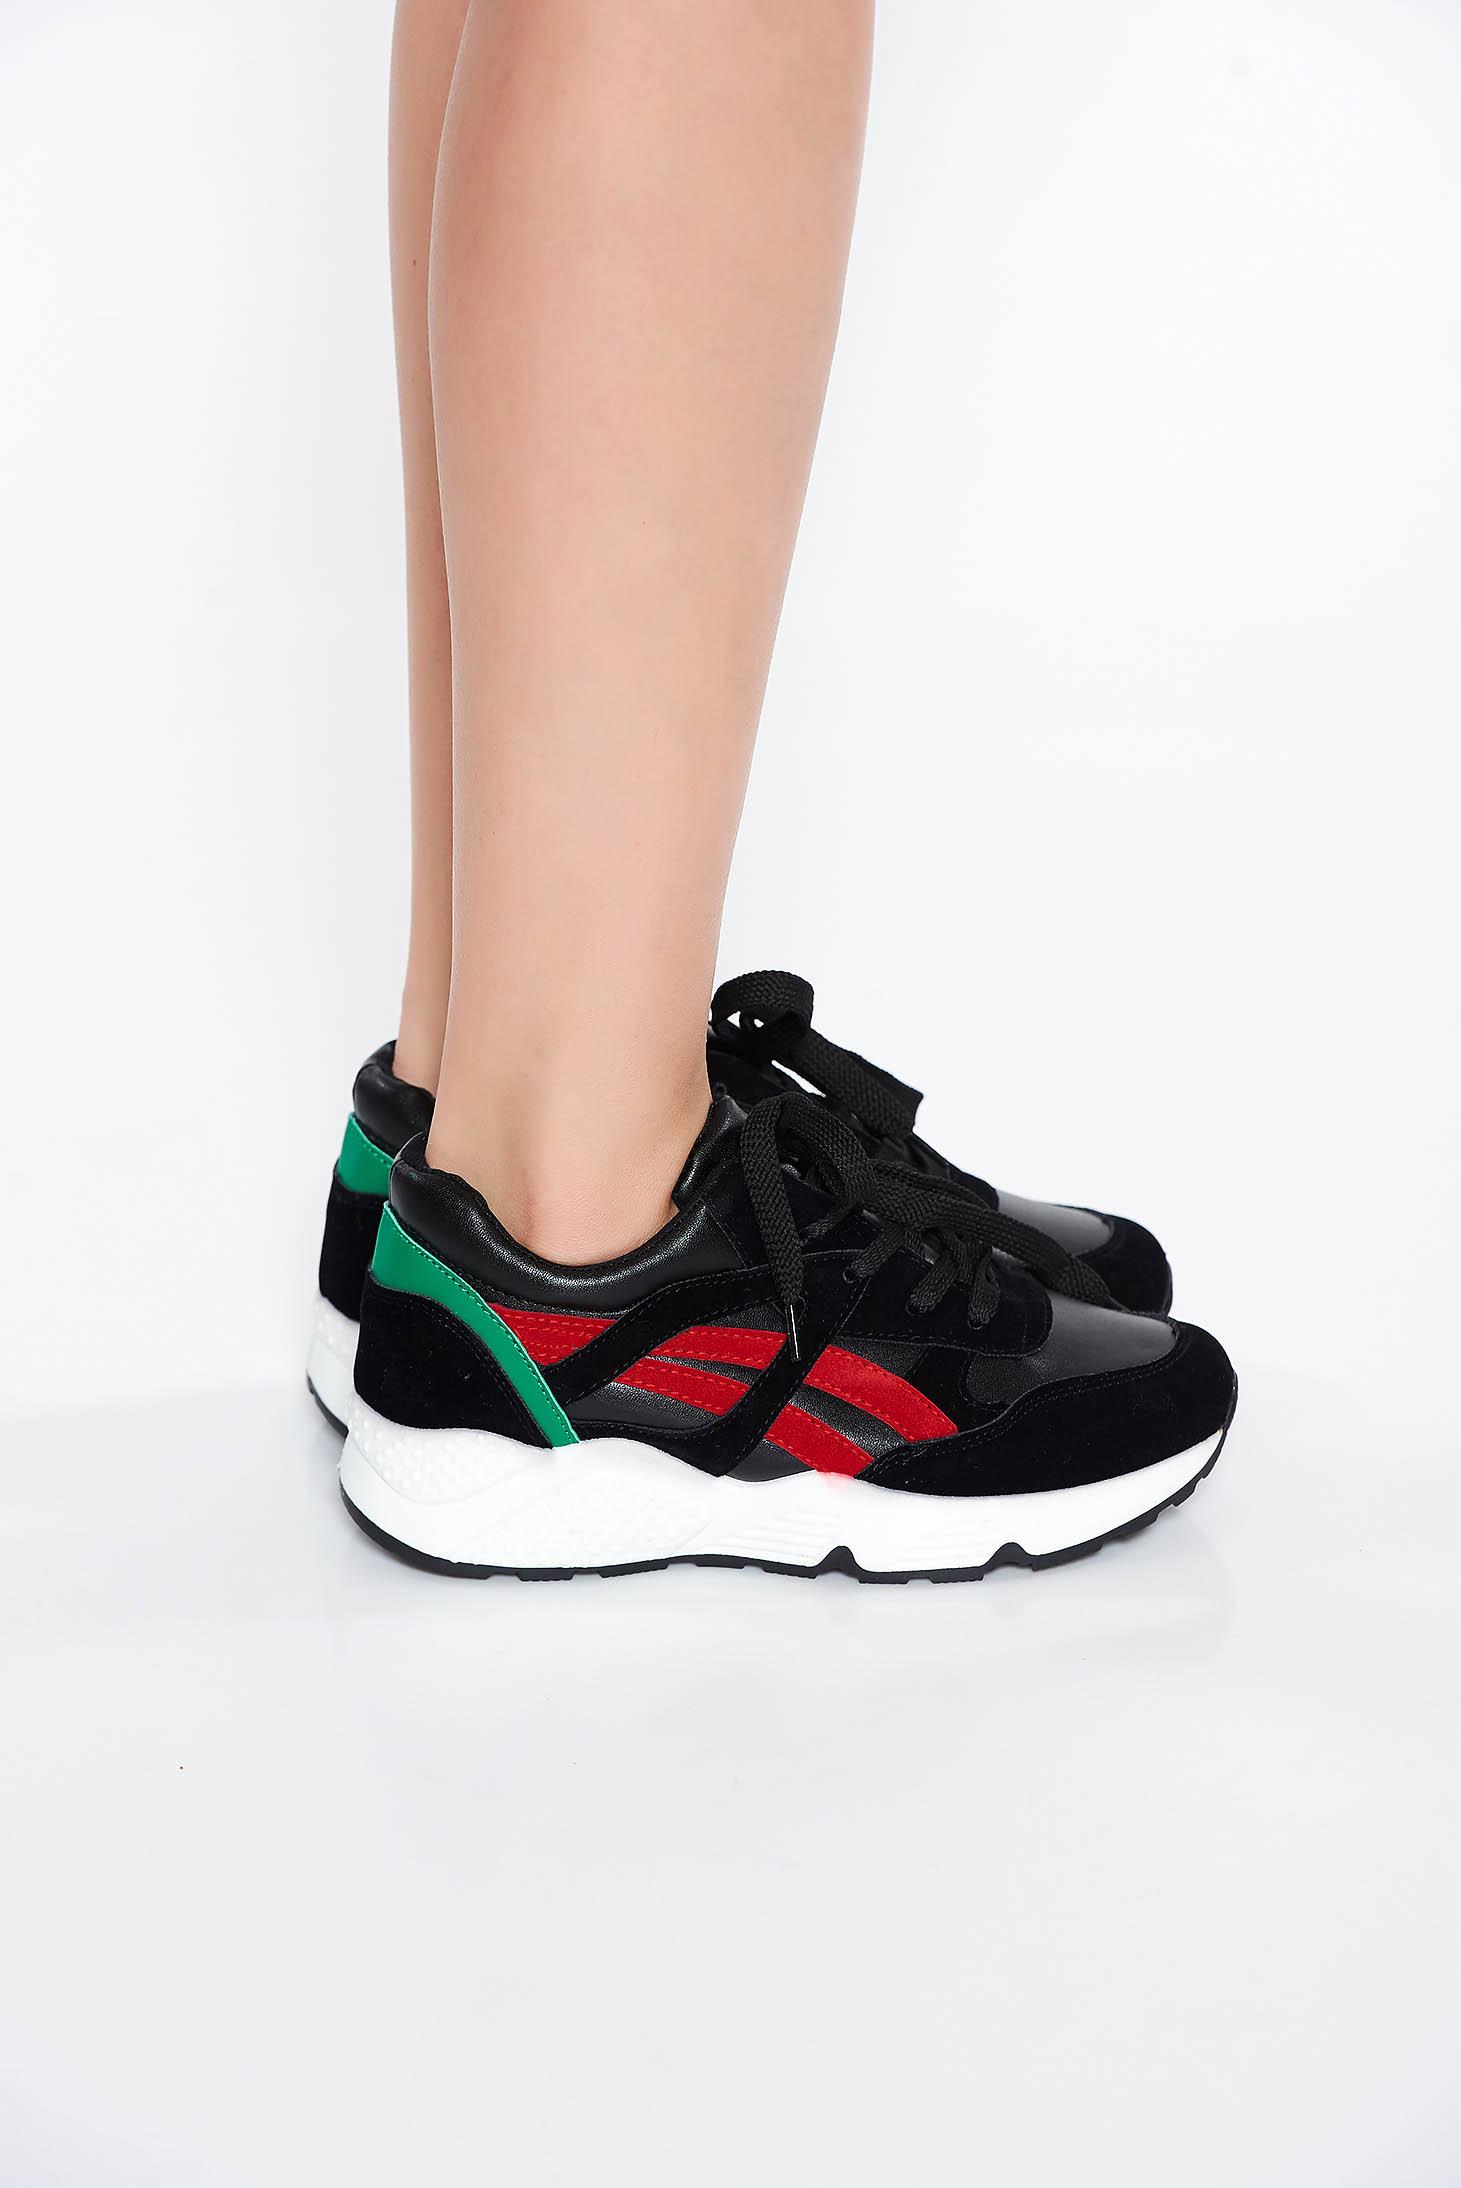 Fekete casual lapos talpú sport cipő fűzővel köthető meg 0ce3f702a6